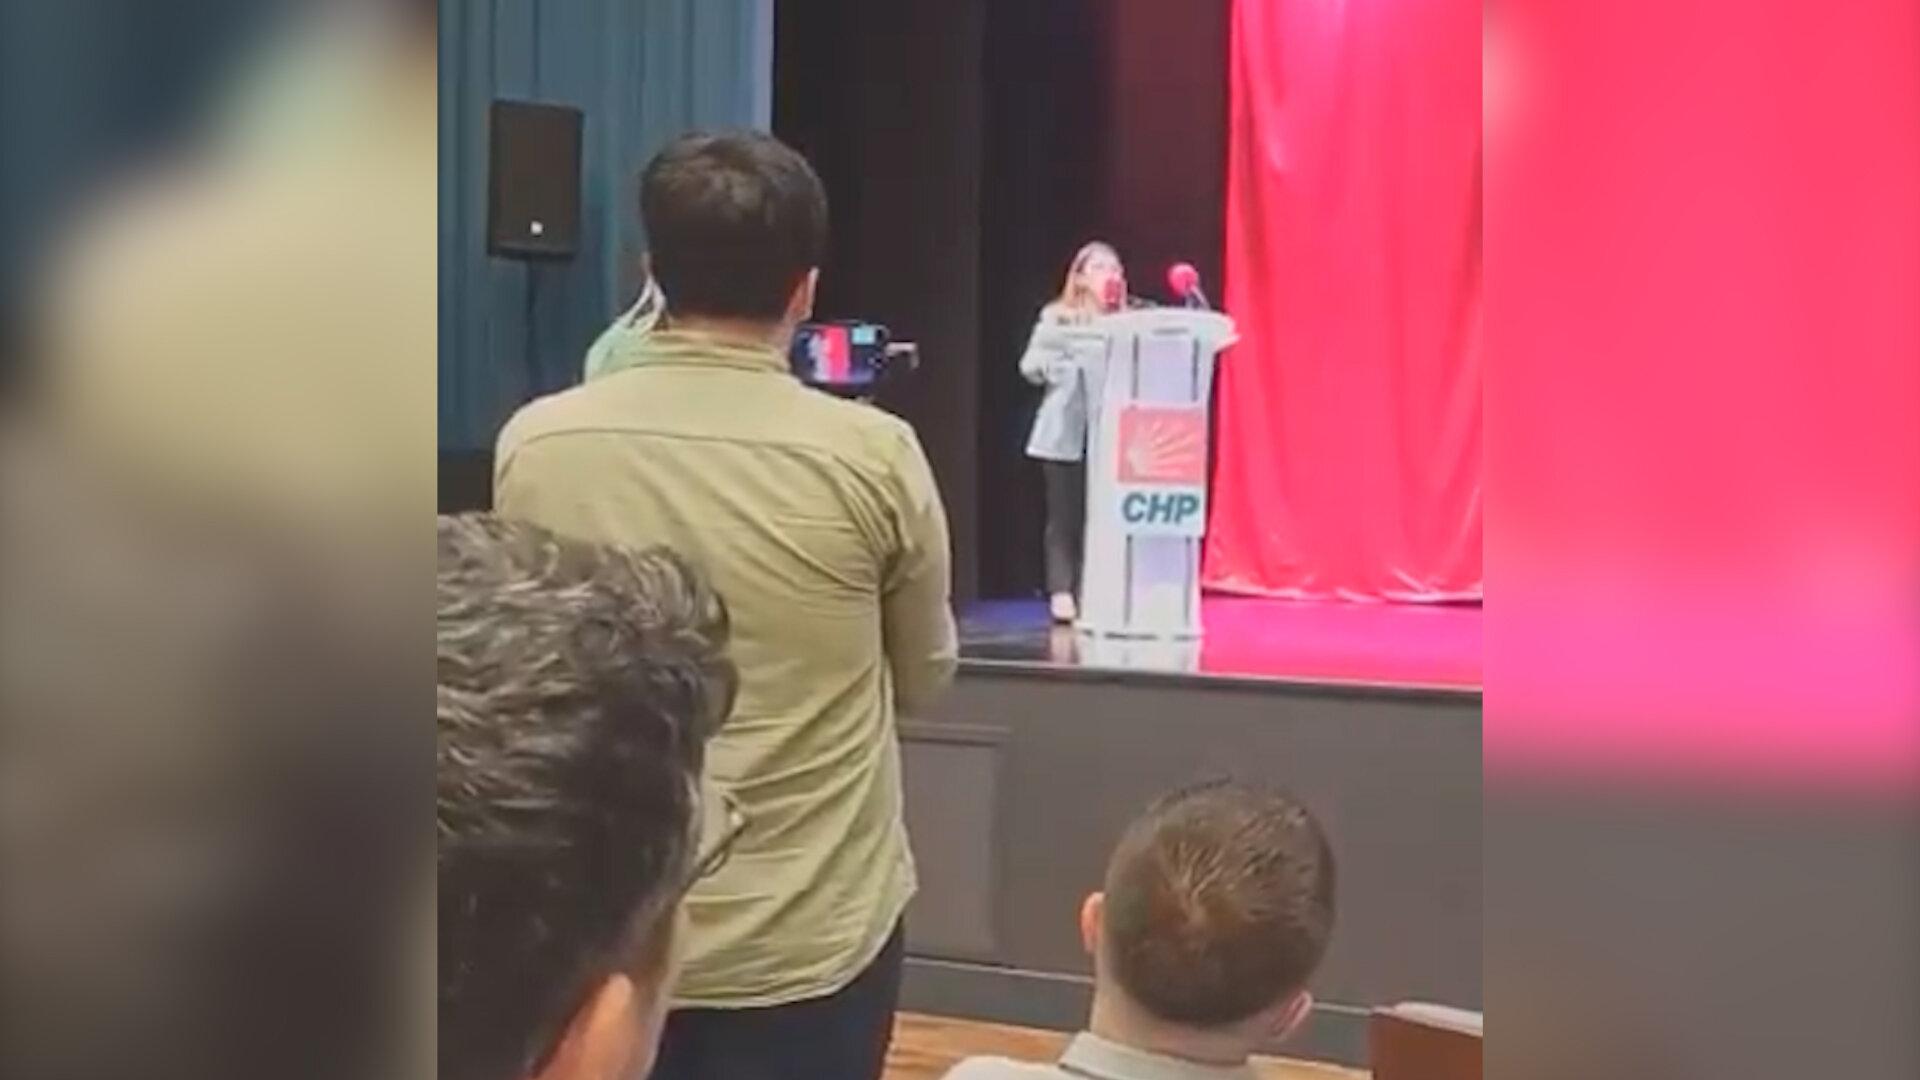 CHP Genel Başkan Yardımcısı Gülizar Biçer Karaca: Kesinleşmiş yargı hükmü de olsa KHK'lıların dosyasını yeniden ele alacağız - Yeni Şafak